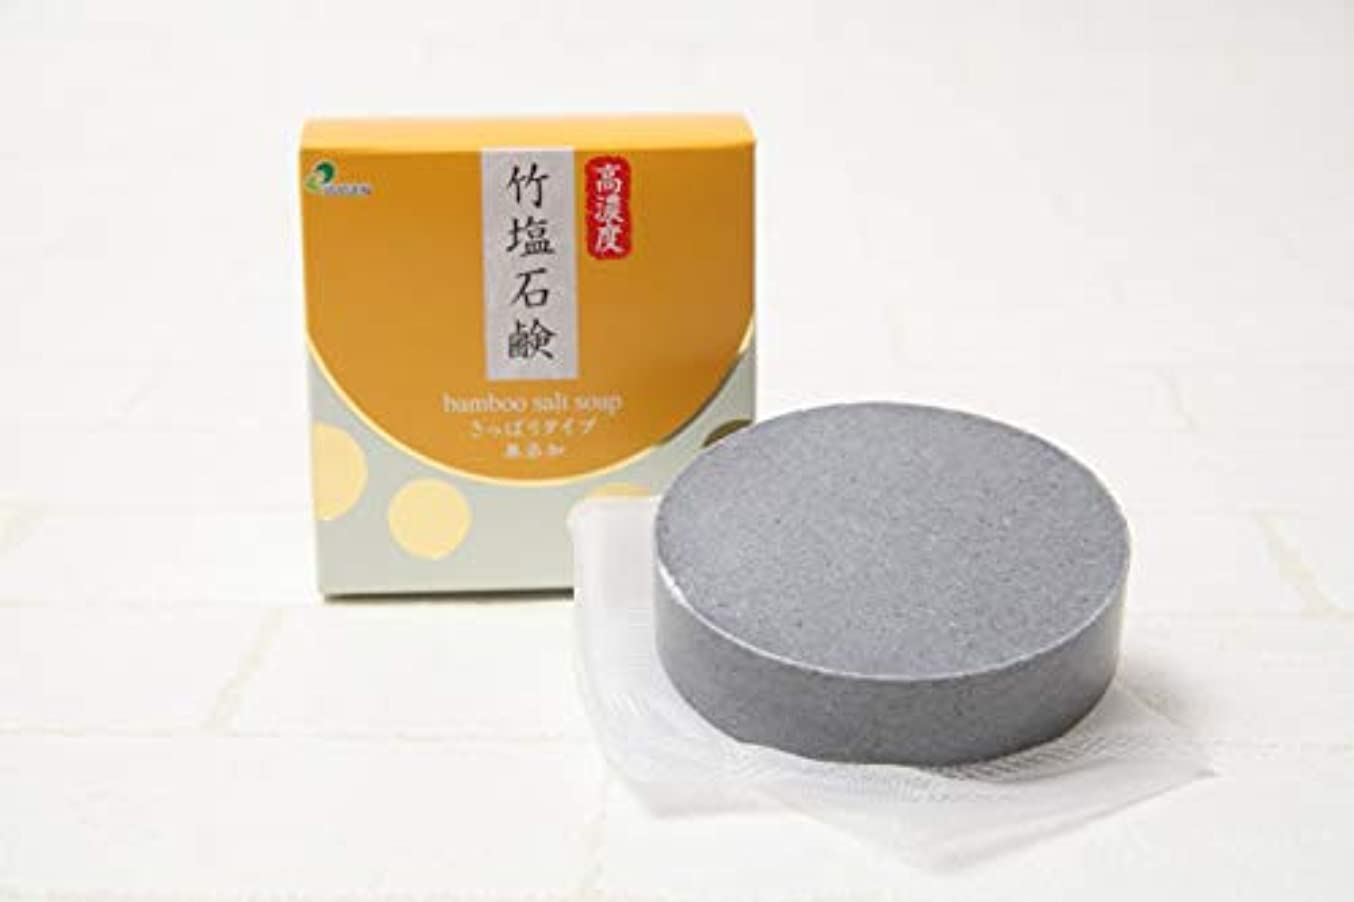 やむを得ない脱走フレットジュゲン 高濃度 竹塩石鹸(洗顔せっけん石けん) 80g 泡立てネット付き